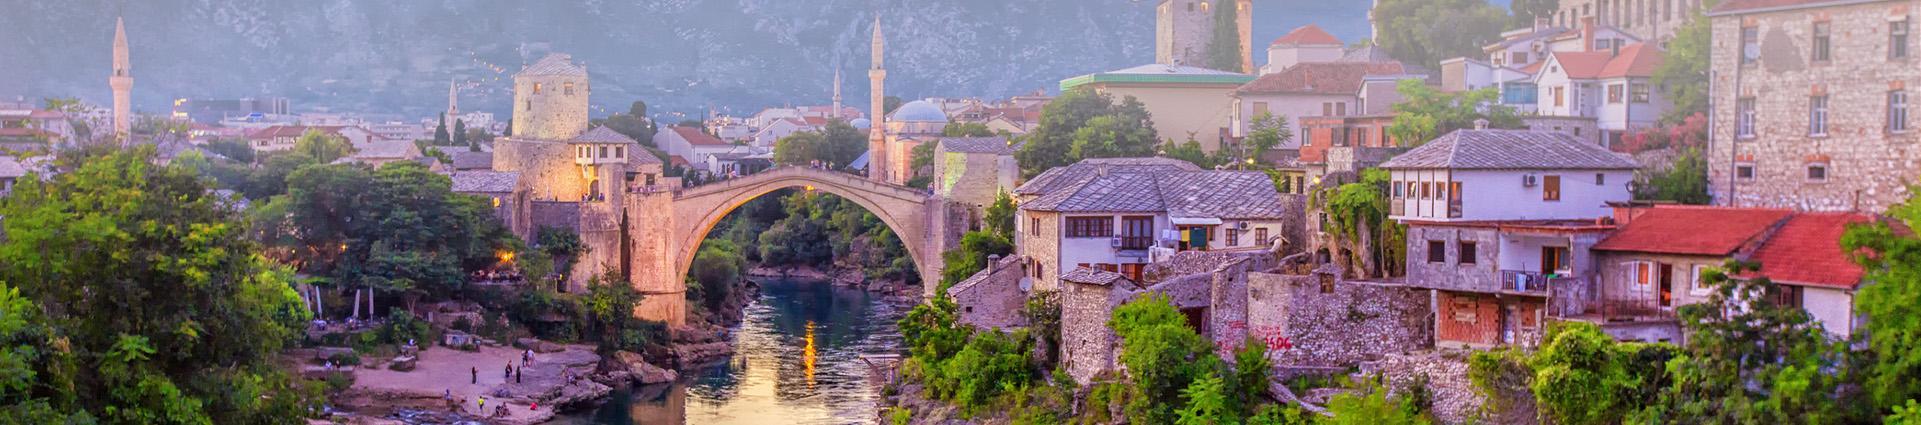 Piękny widok na miasto nad rzeką